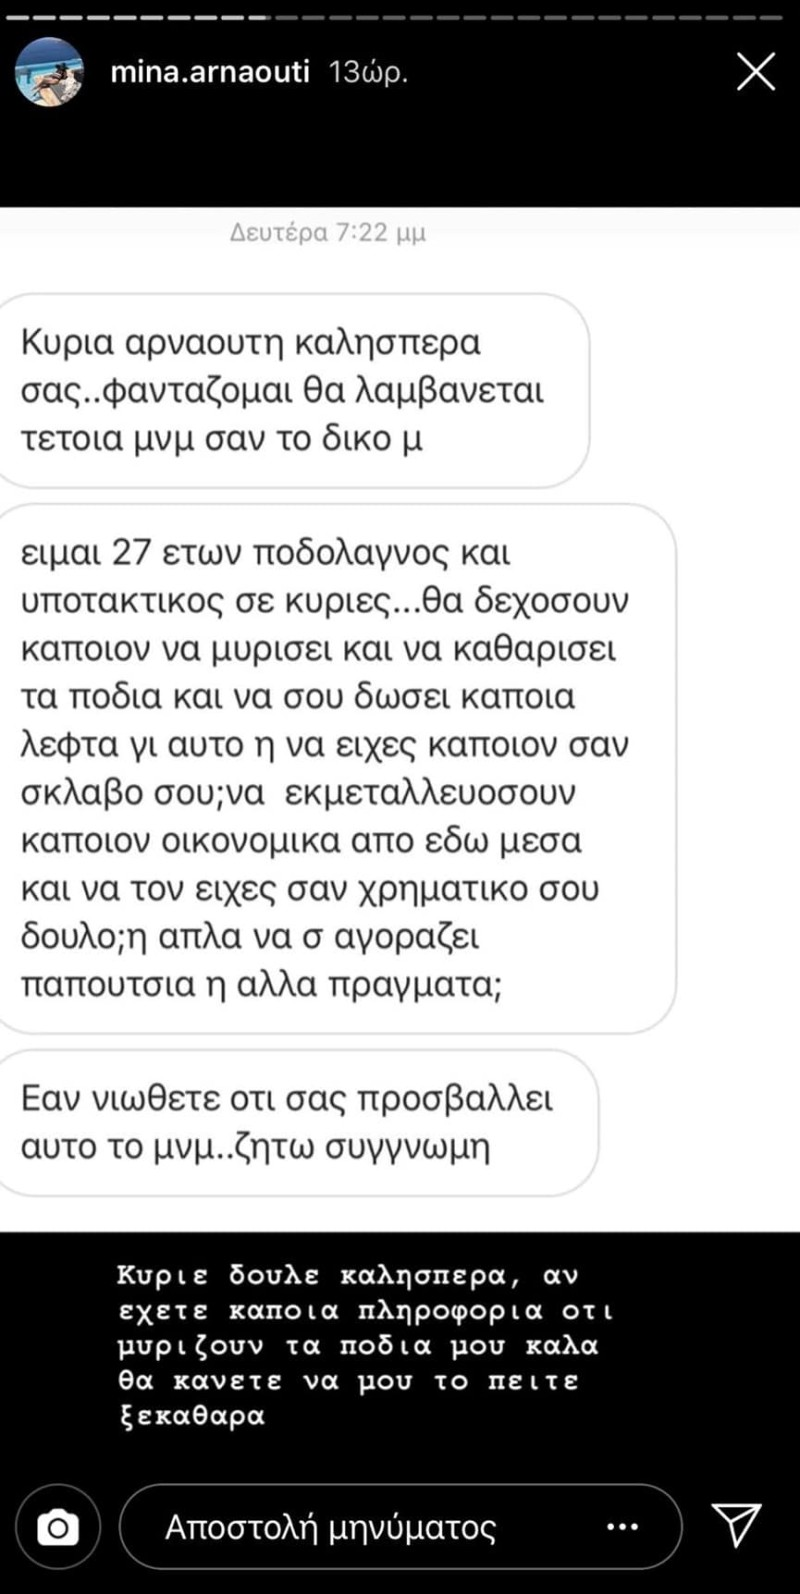 Μίνα Αρναούτη: Το μήνυμα ανώμαλο ποδολάγνο και η ανήθικη πρόταση που δέχθηκε!